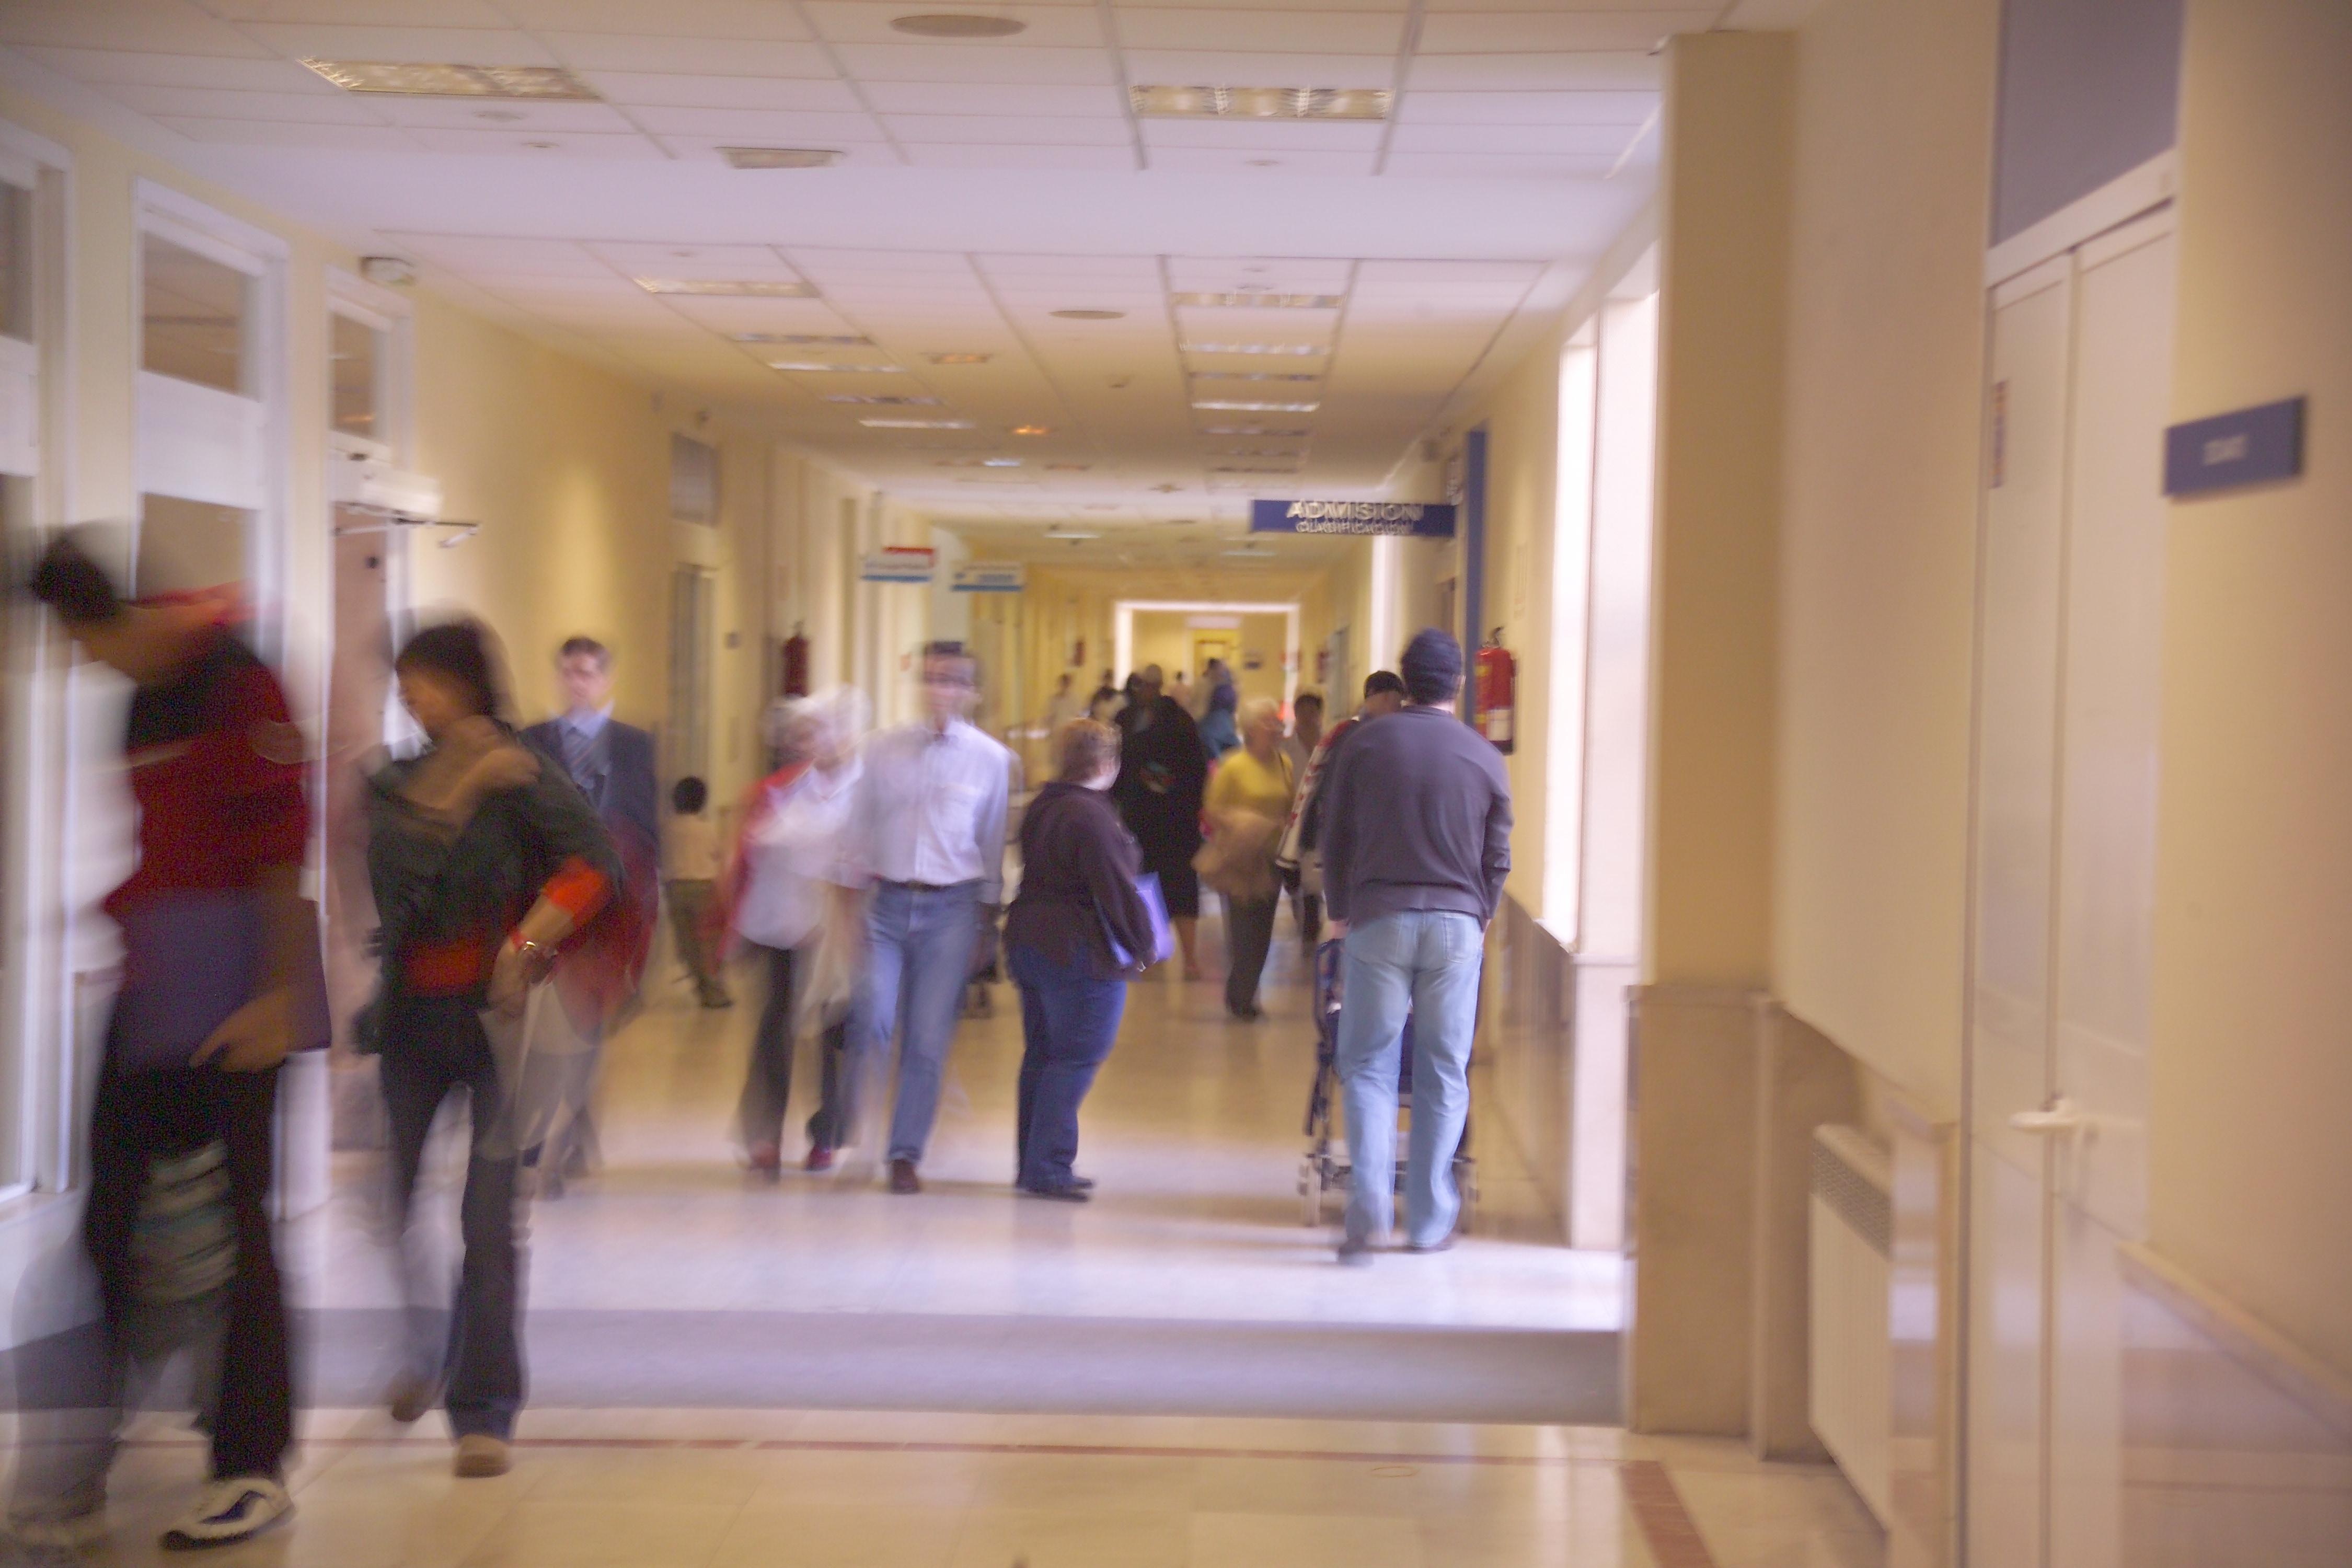 Bruselas y la OCDE piden a los países de la UE reducir tiempo de espera y coste de asistencia sanitaria primaria